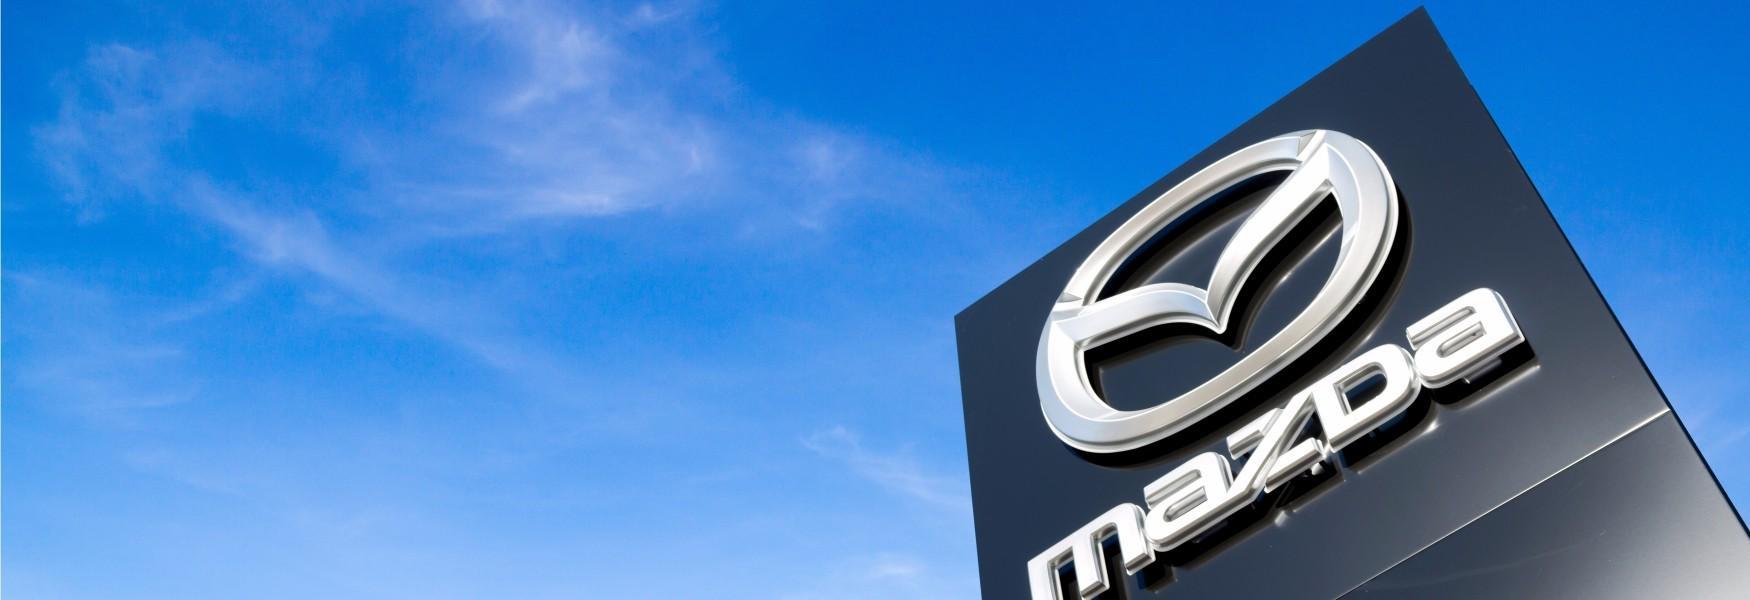 Hersteller Neuwagen Mazda